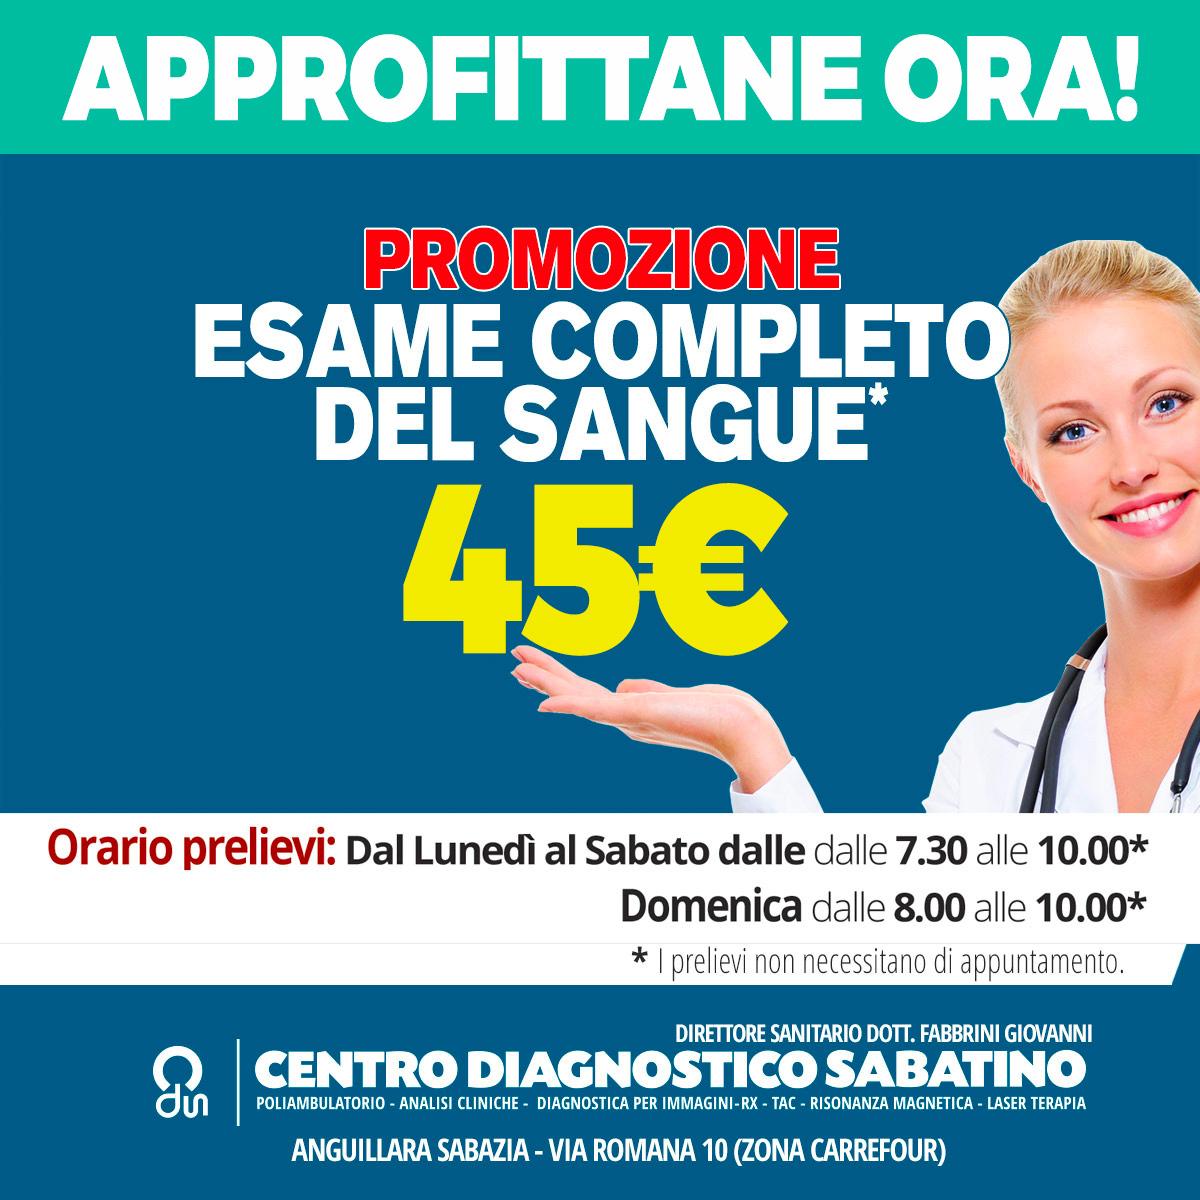 """""""promozione esame check up del sangue per 35 euro"""